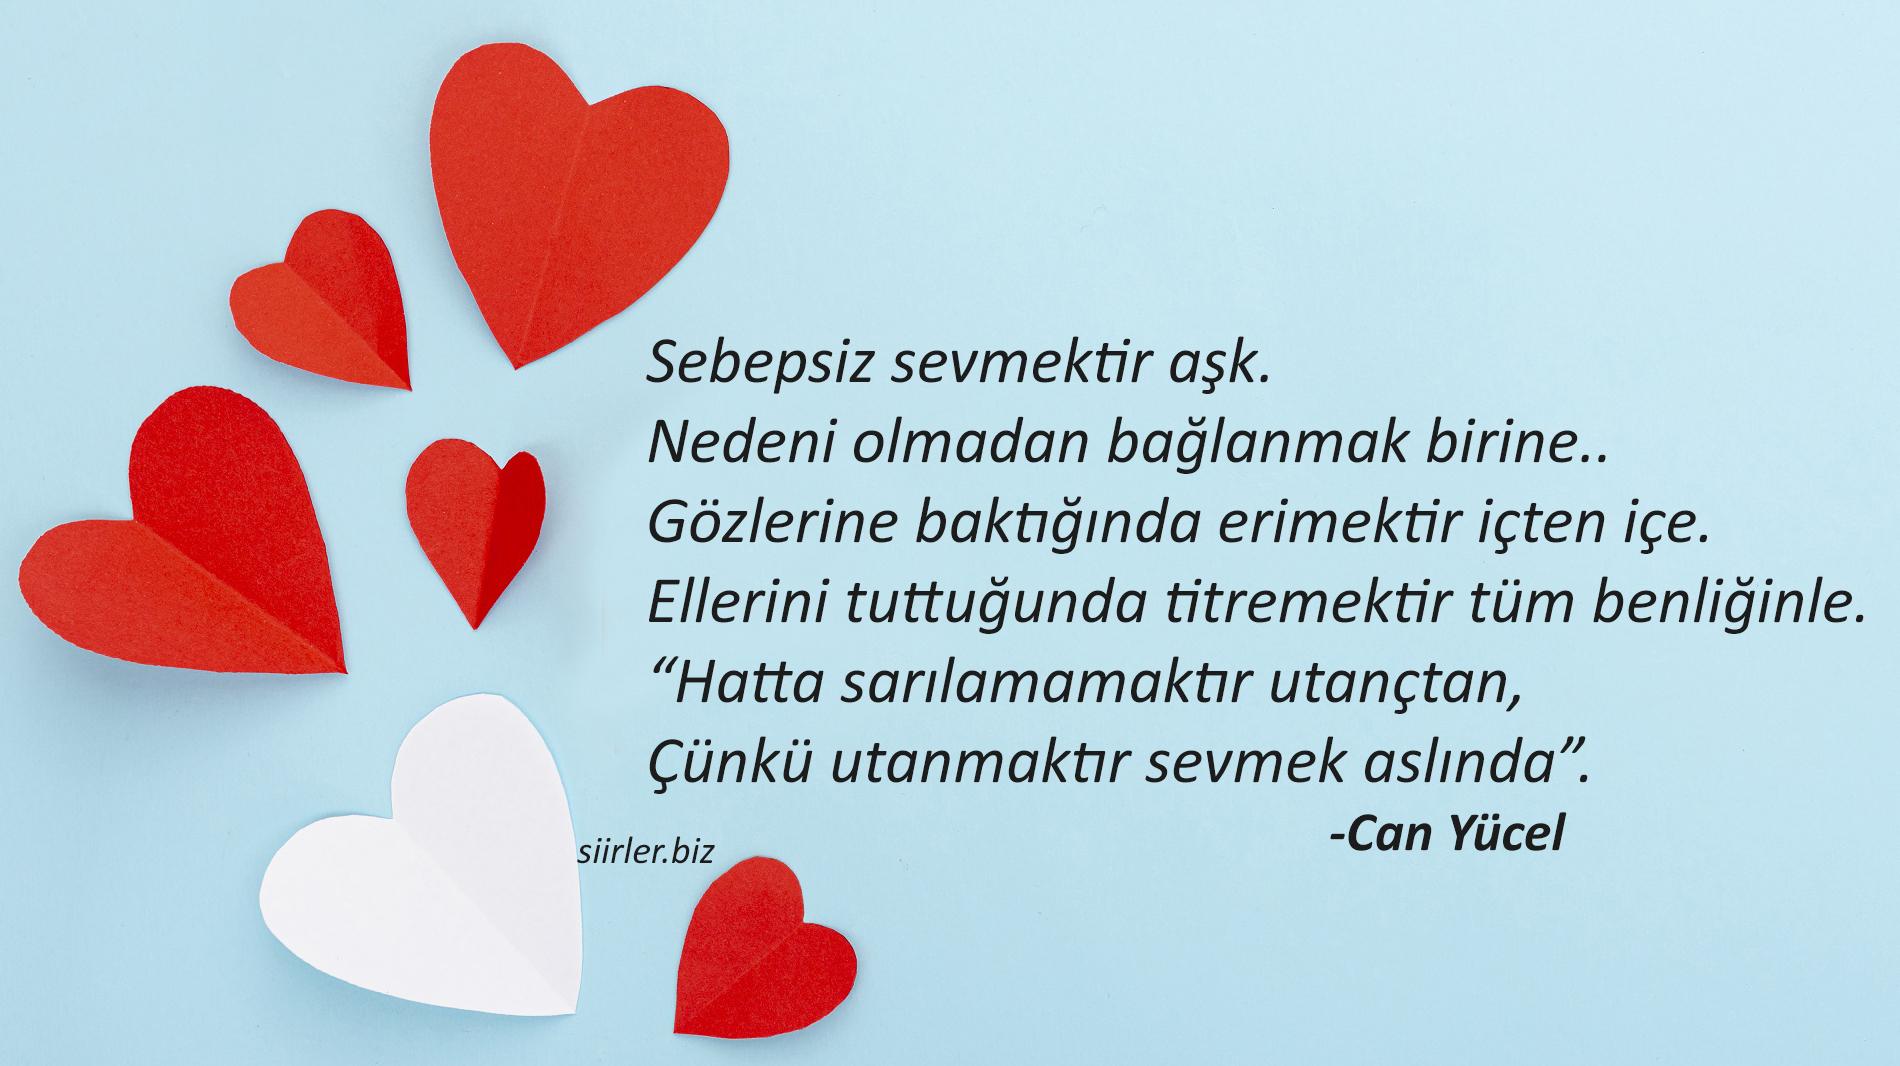 Can Yücel - Sebepsiz sevmektir aşk.